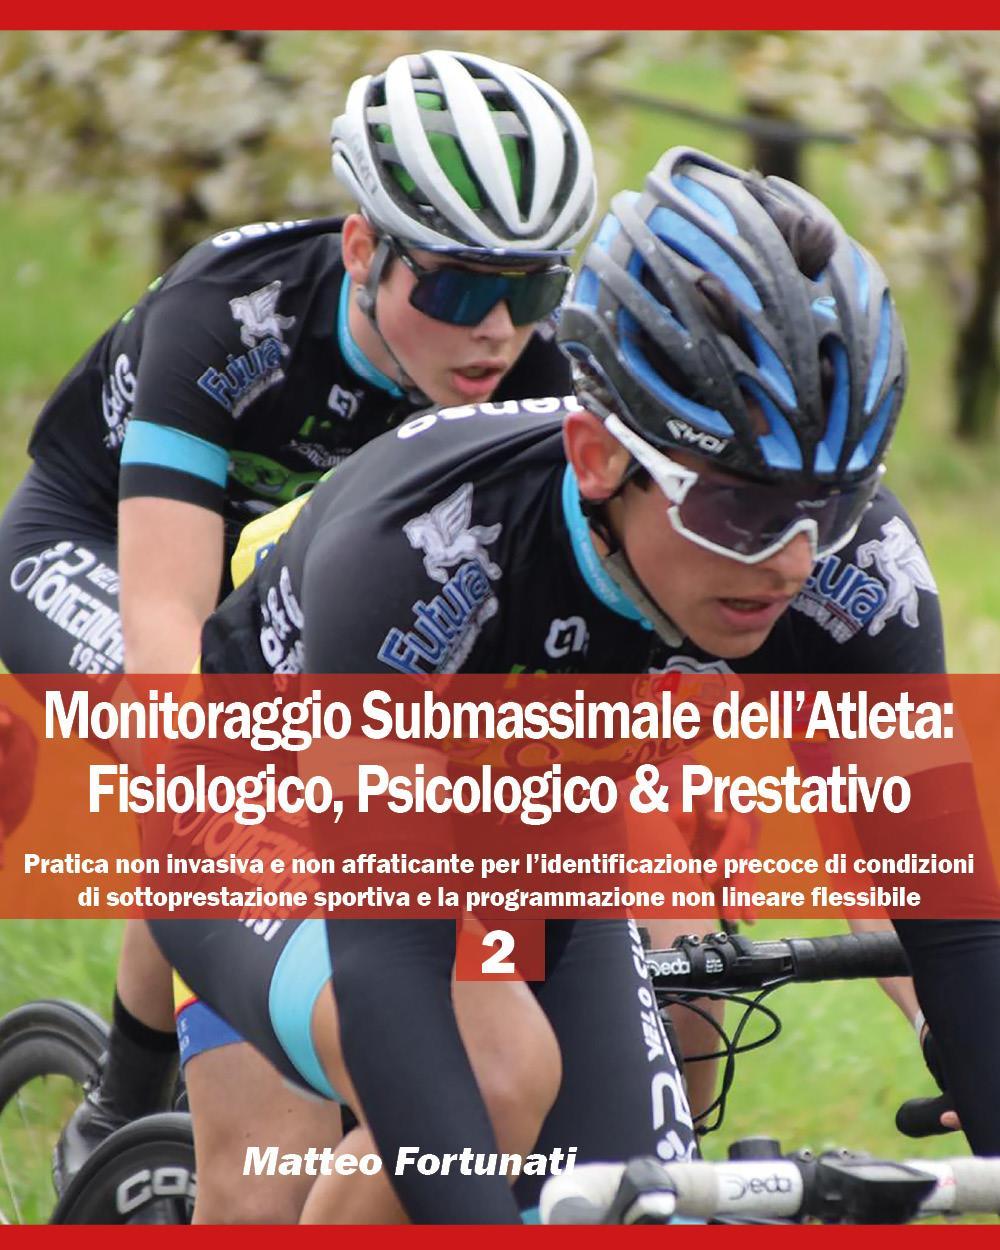 Monitoraggio submassimale dell'atleta: fisiologico, psicologico & prestativo